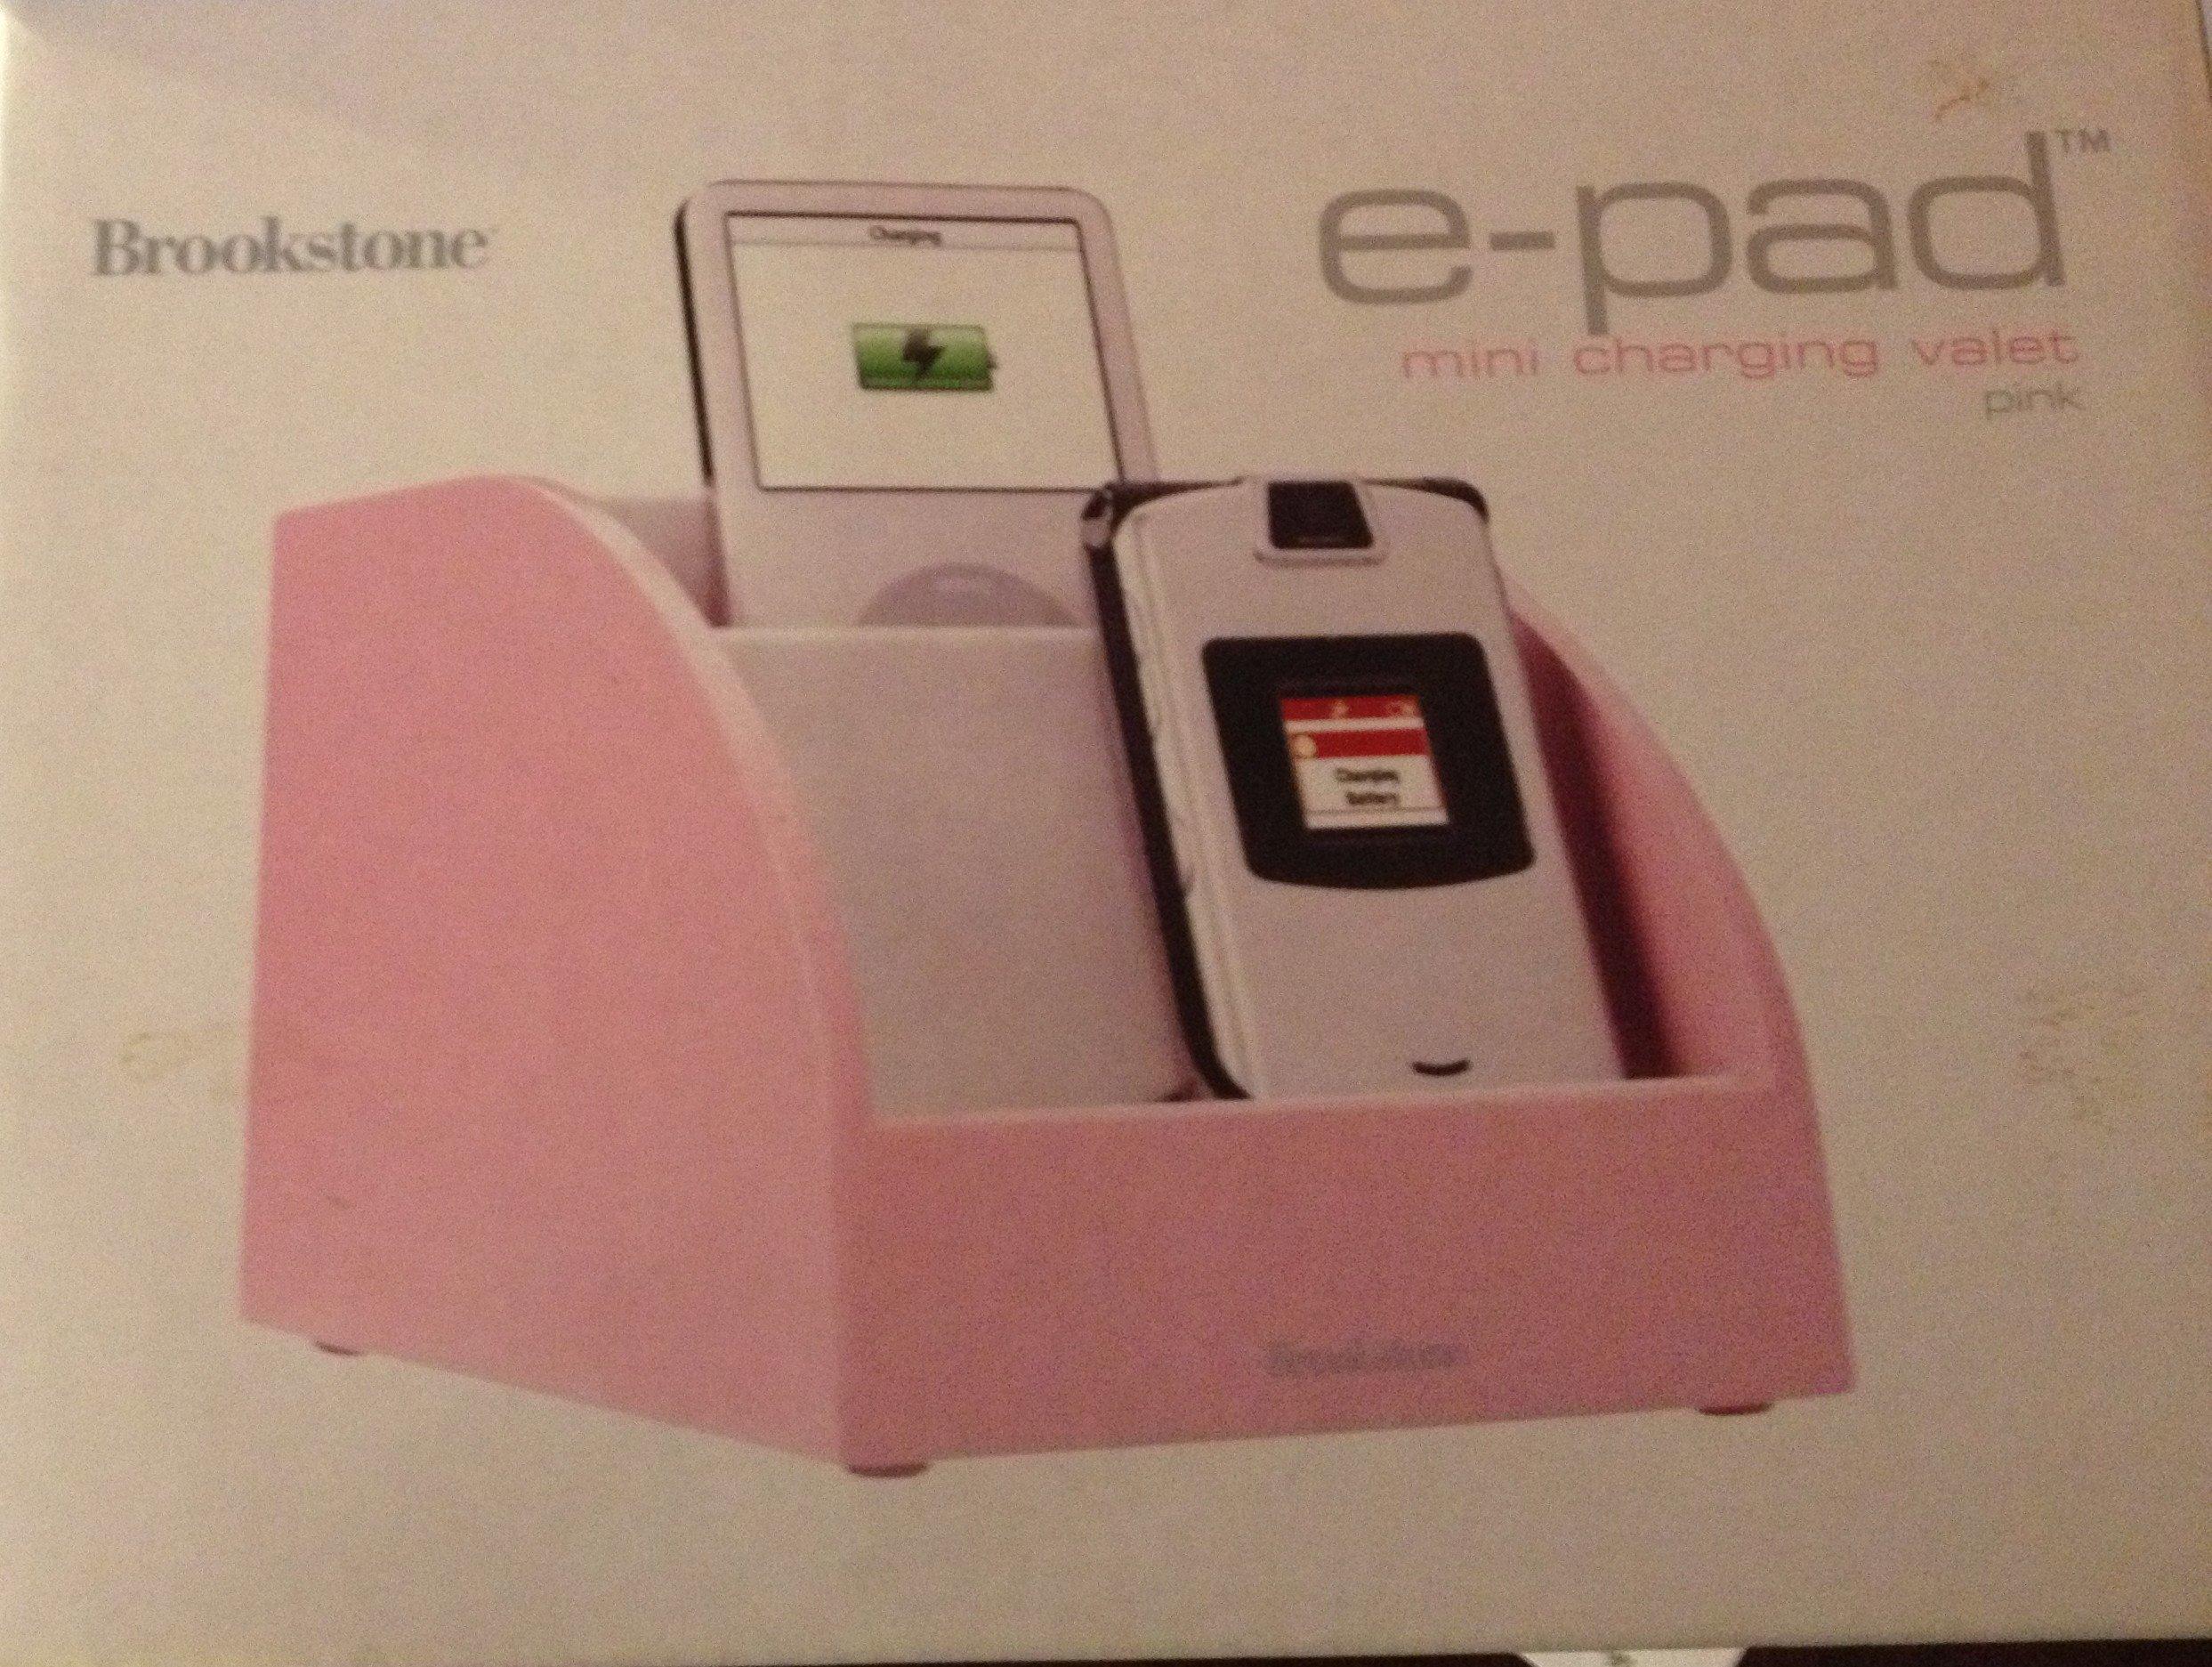 Brookstone e-pad Mini Charging Valet